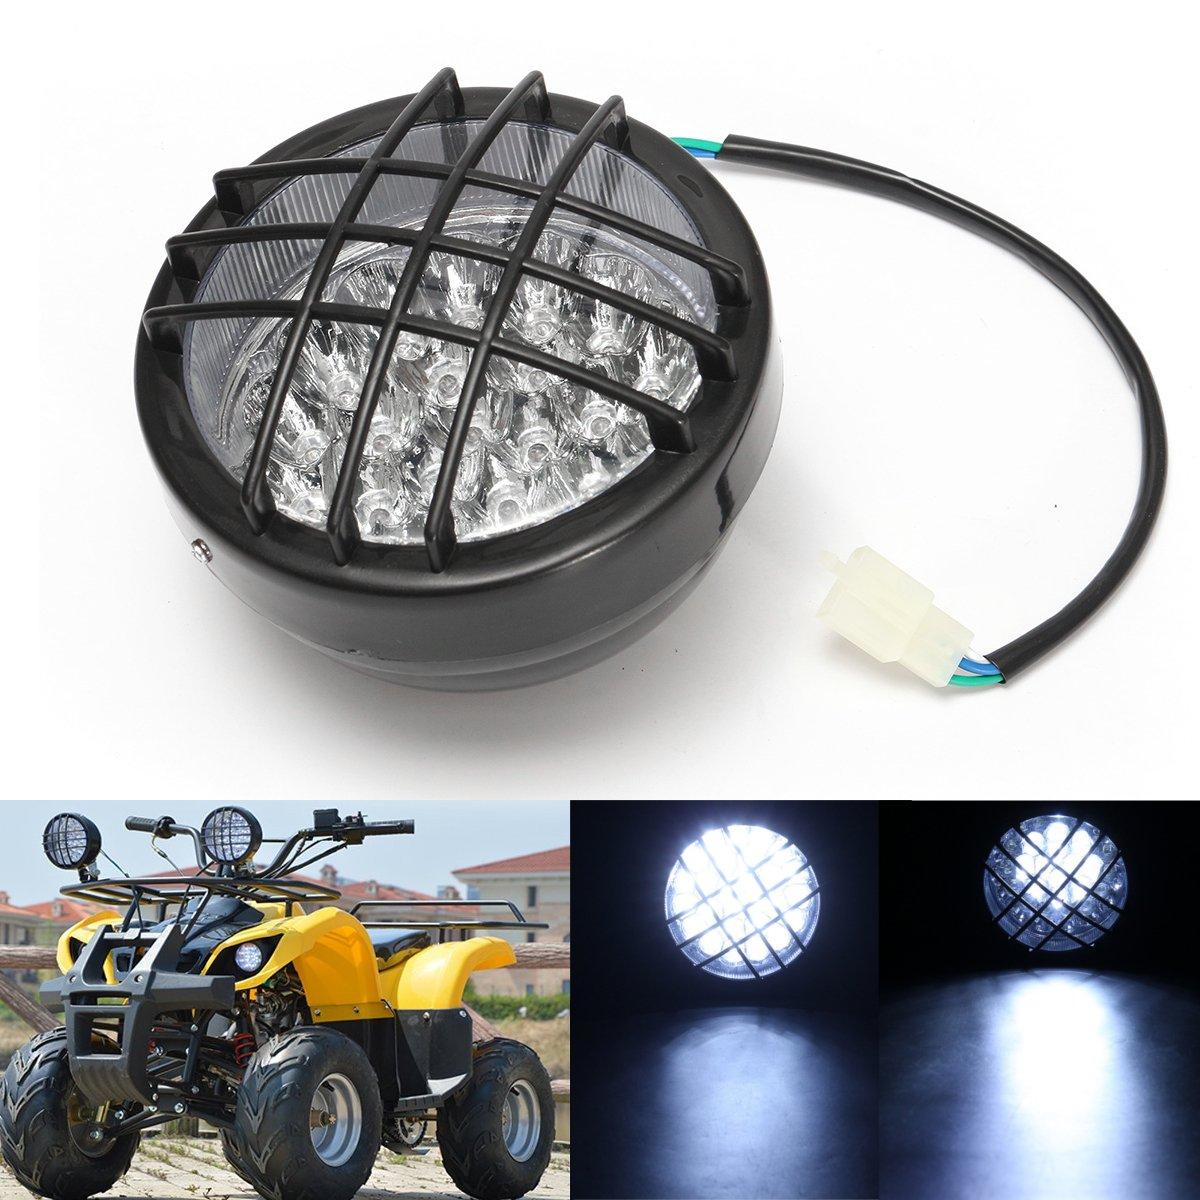 12v front led headlight lamp for atv quad 4 wheeler go kart